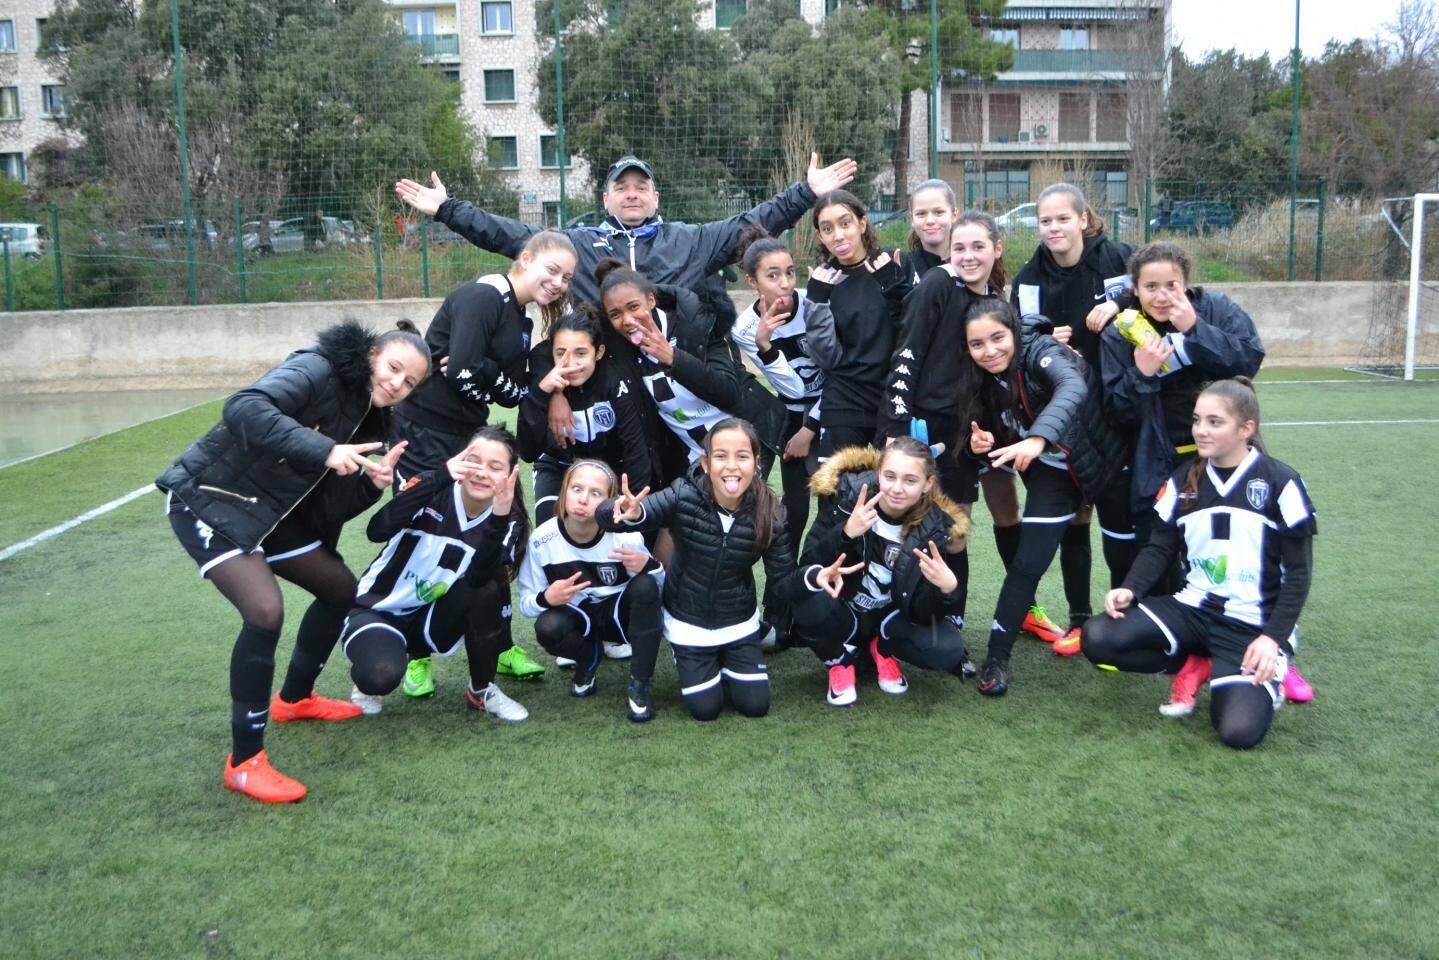 Les U15-U17 finalistes du tournoi Défi Coupe.(PhotoDR)